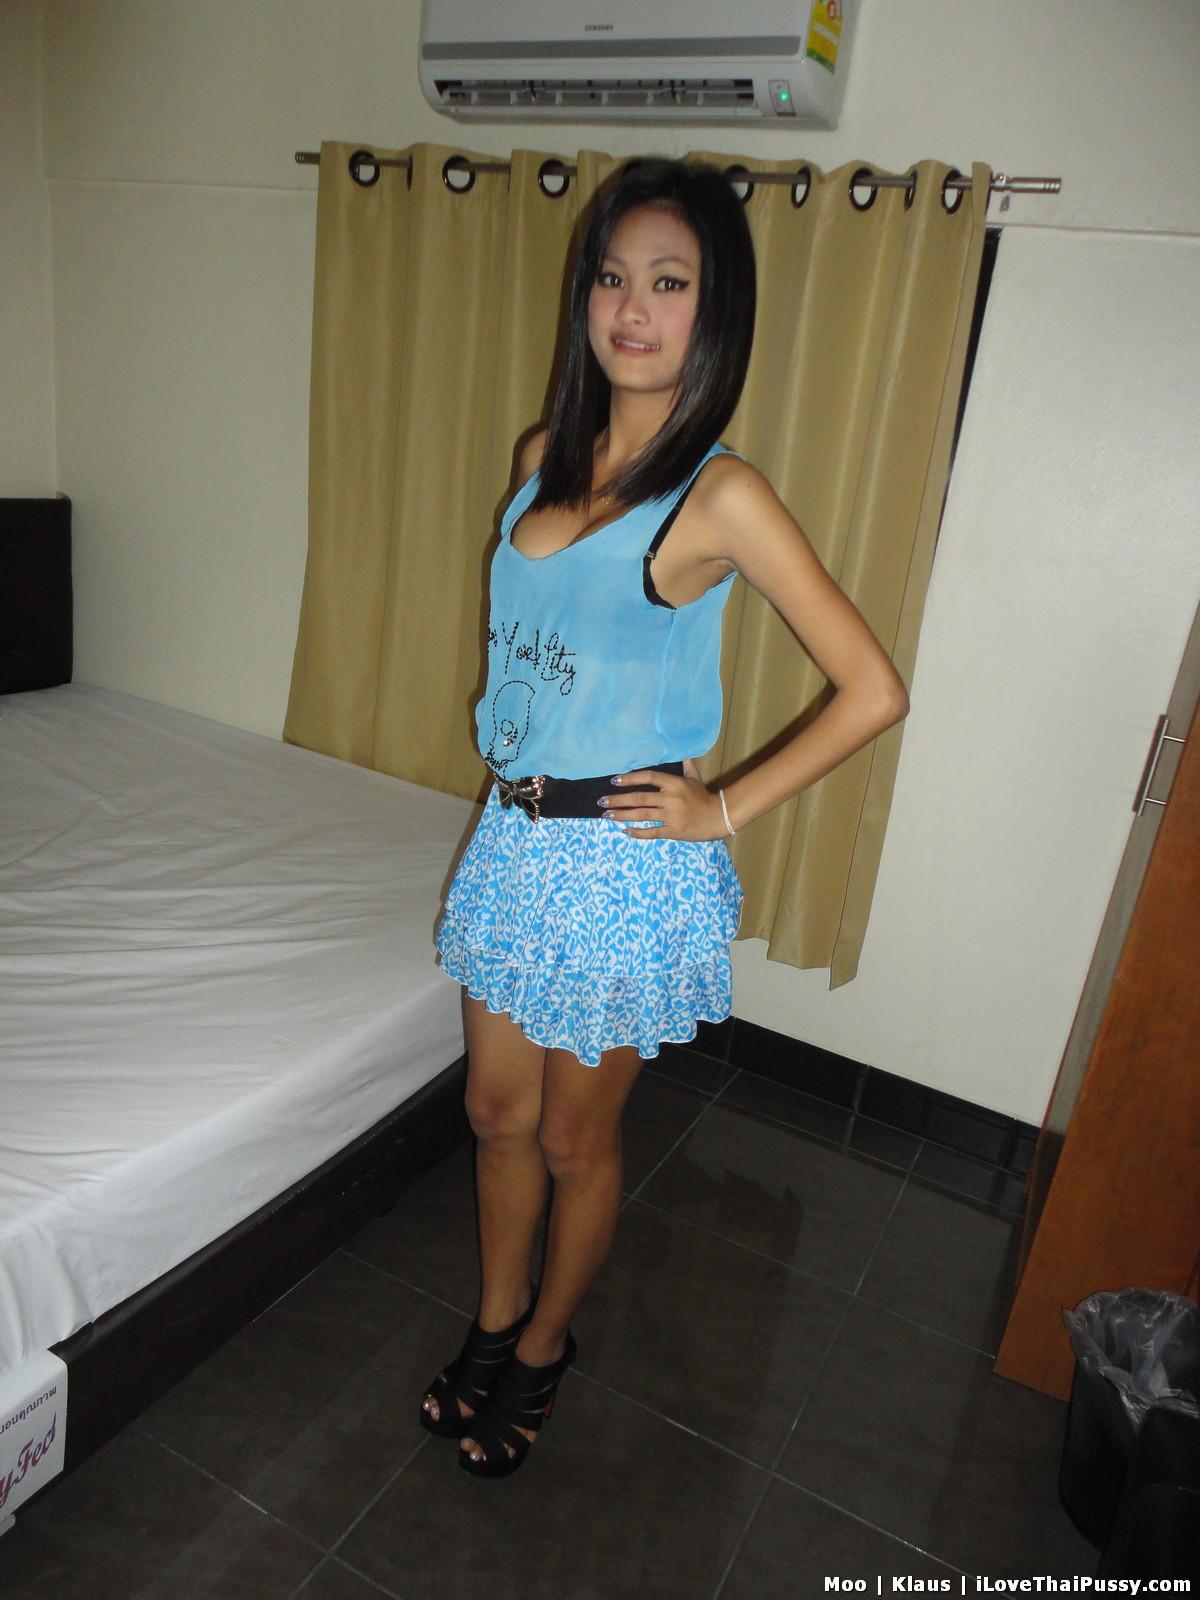 http://teensinasia.com/wp-content/uploads/2012/06/shy_pattaya_girl_moo_02.jpg